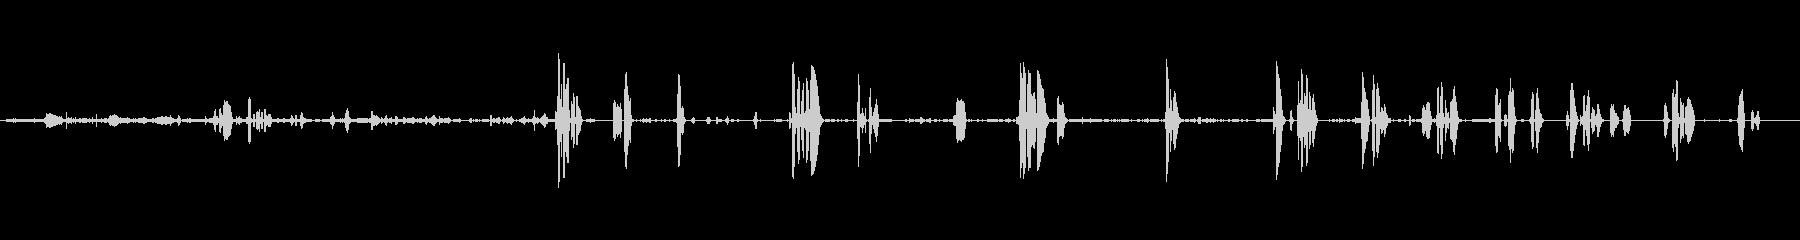 シェパードコールアンドホイッスル、...の未再生の波形